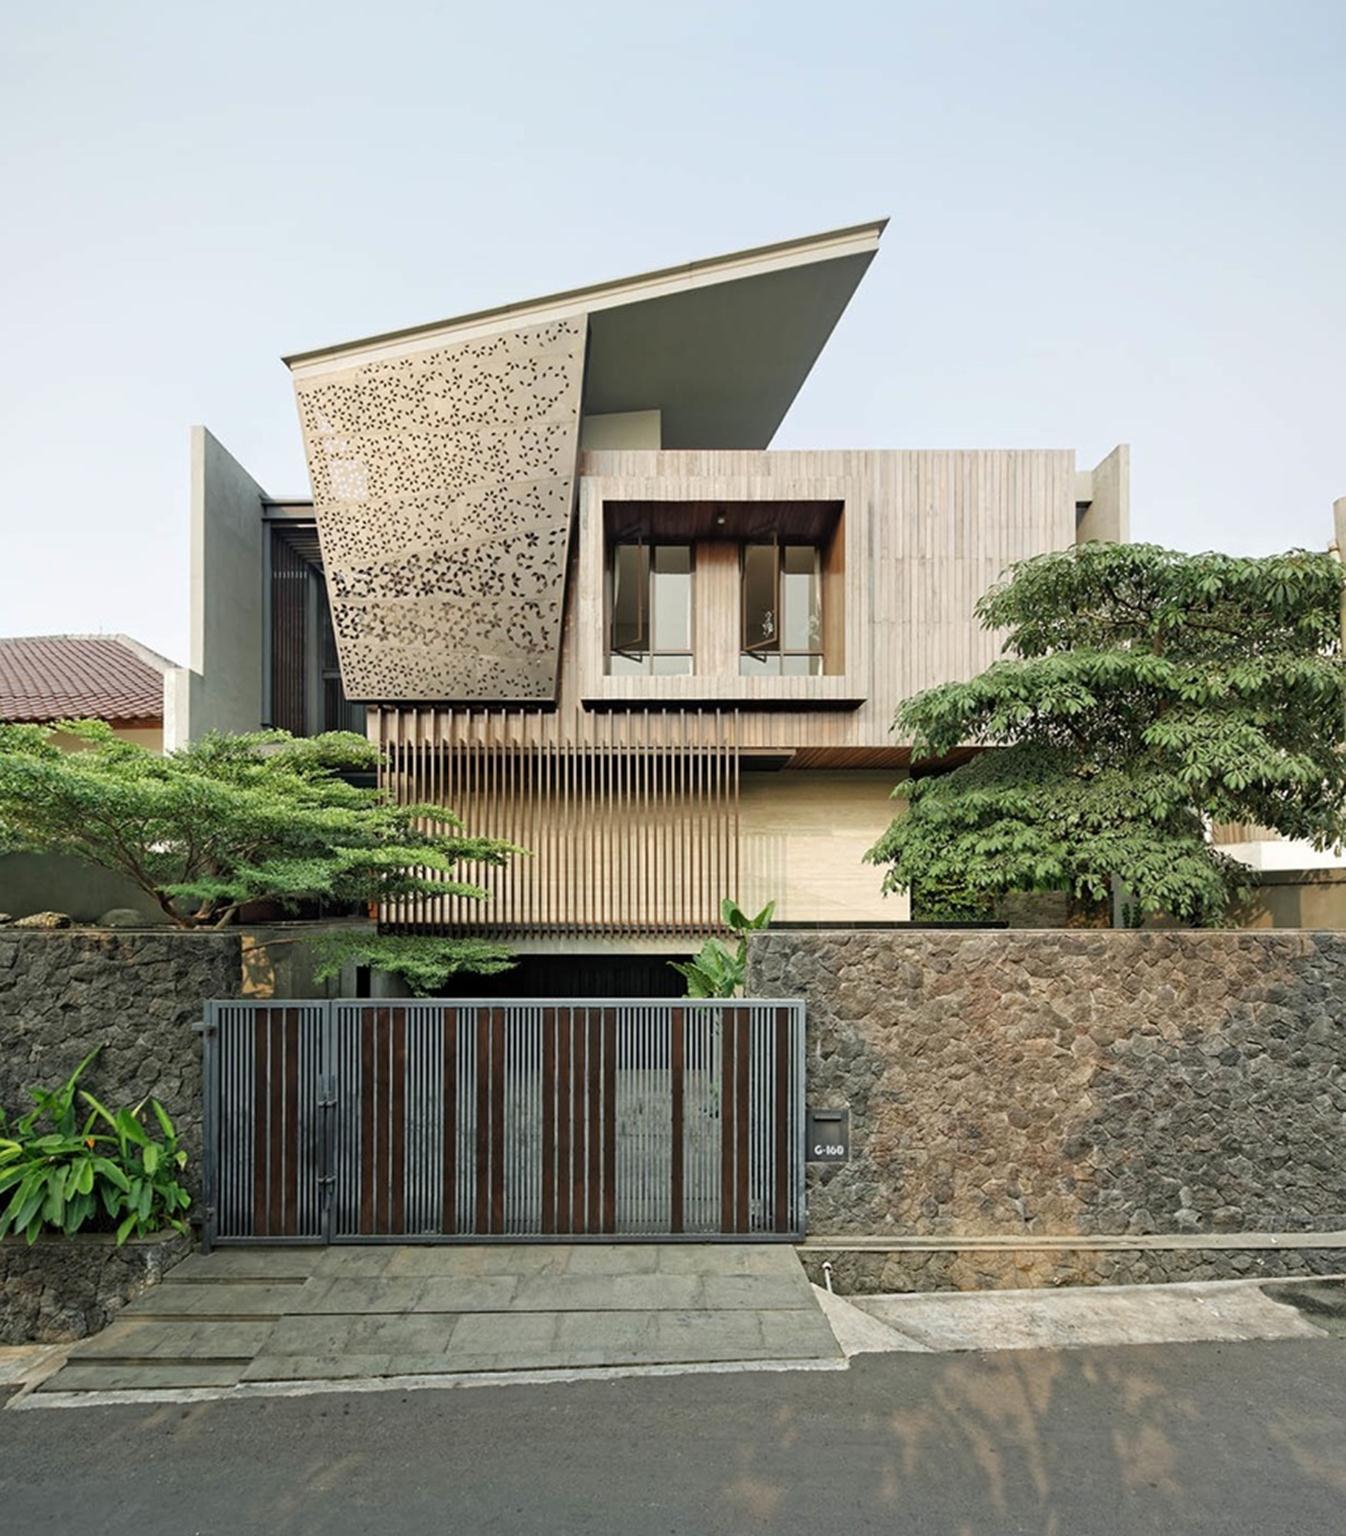 Ben House được thiết kế bởi kiến trúc sư Gerard Tambunan & Rudy Kelana.